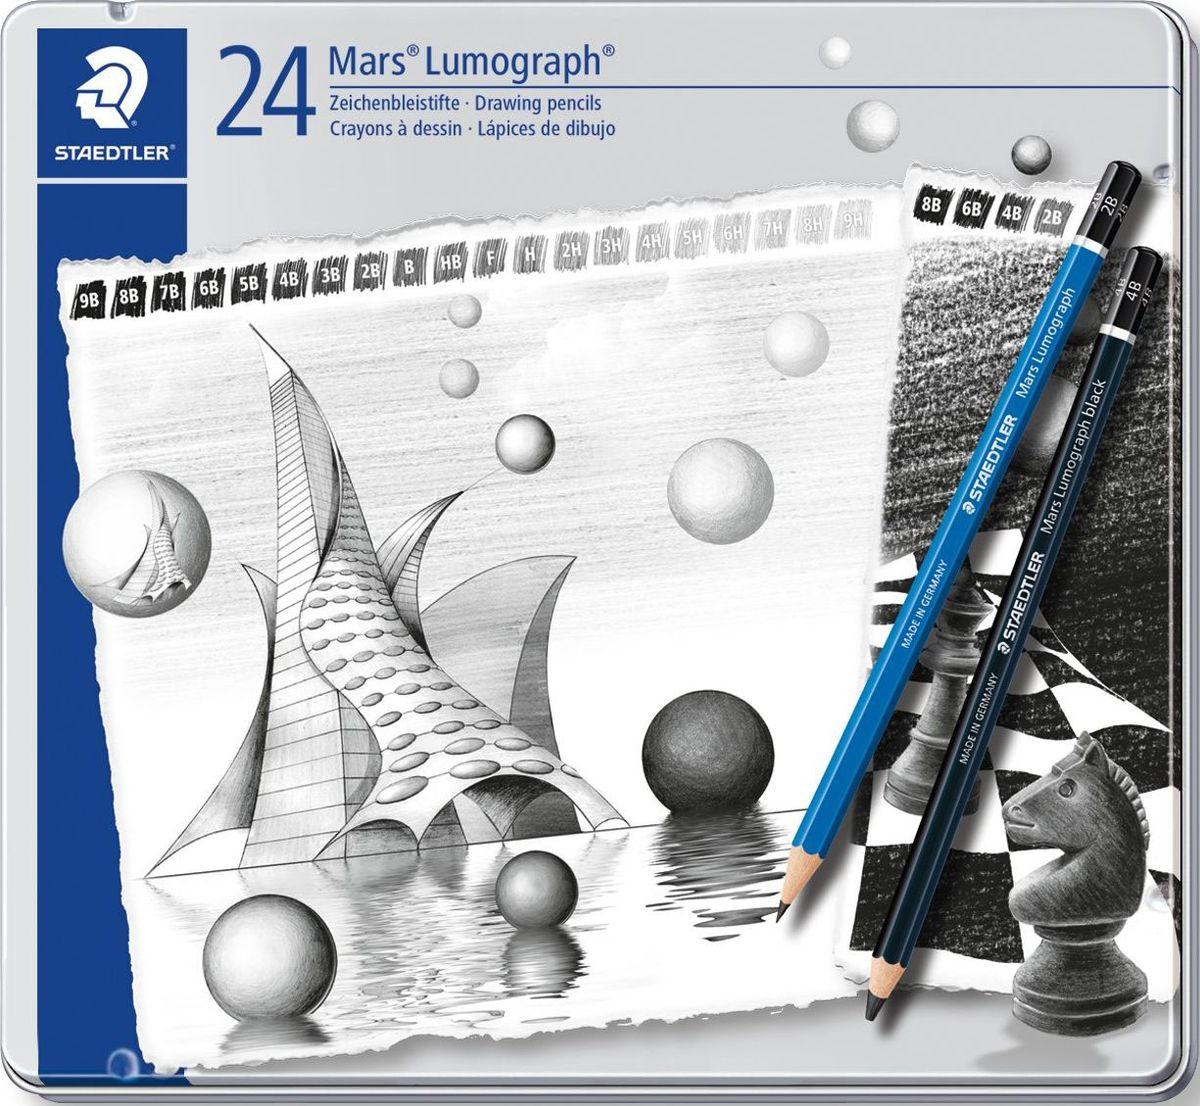 Staedtler Набор чернографитовых карандашей Mars Lumograph 100 24 шт100G24SНабор Staedtler Mars Lumograph 100 состоит из 24 черногрaфитовых карандашей в металлической упаковке, 22 разные степени твердости. Содержит 20 карандашей с корпусом синего цвета (9B, 8B, 7B, 6B, 5B, 3B, 2B, HB, F, H, 2H, 3H, 4H, 5H, 6H, 7H, 8H, 9H) и 4 карандаша с корпусом черного цвета (8B, 6B, 4B, 2B). Высококачественные чернографитовые карандаши предназначены для письма, черчения и набросков на бумаге и матовой чертежной пленке. Непревзойденная устойчивость к поломке благодаря специально разработанному составу грифеля и особой проклейке. Четкое нанесение линий. При производстве используется древесина сертифицированных и специально подготовленных лесов.